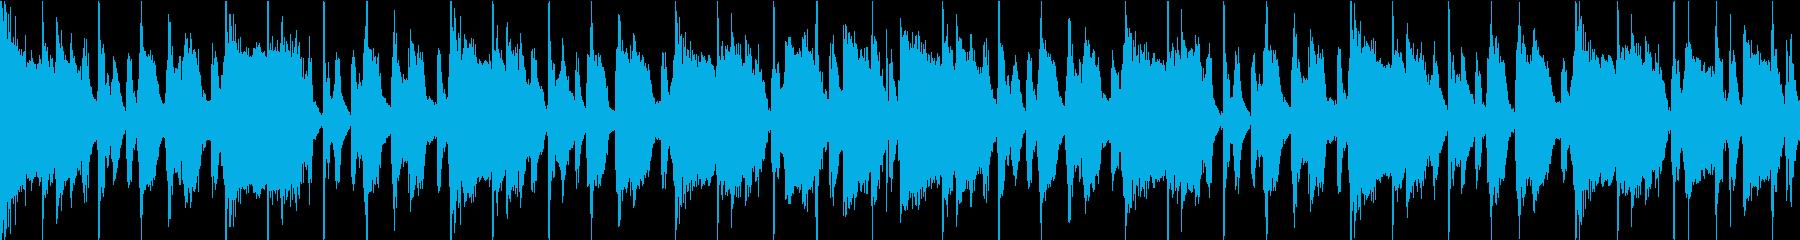 ファンク ループ 生演奏の再生済みの波形